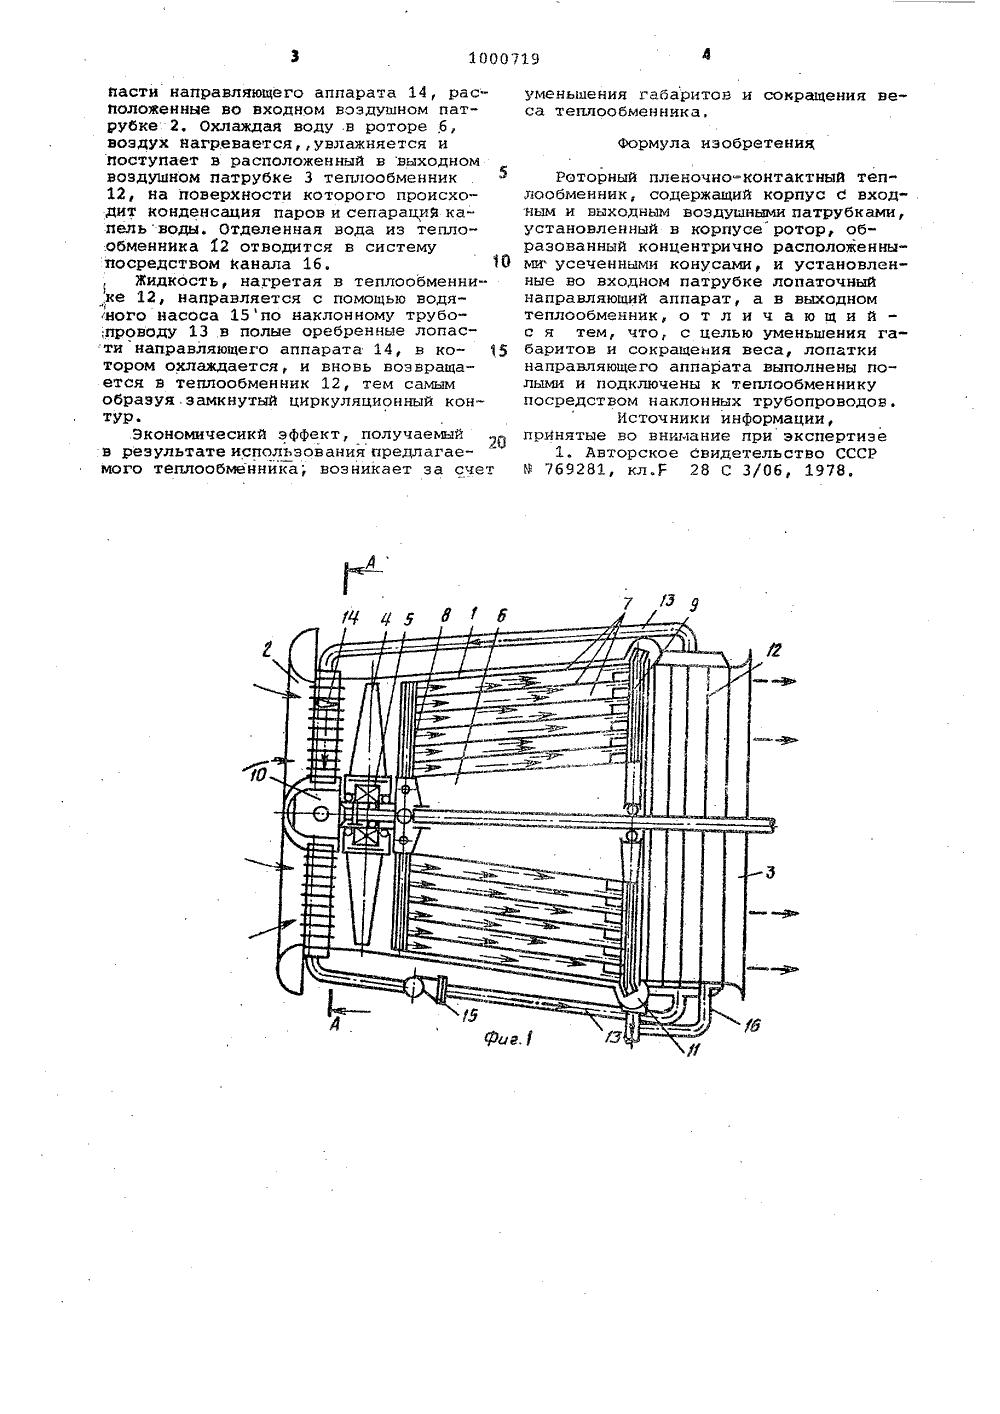 Контактный теплообменник нагрев газа нормативы качества воды для теплообменников